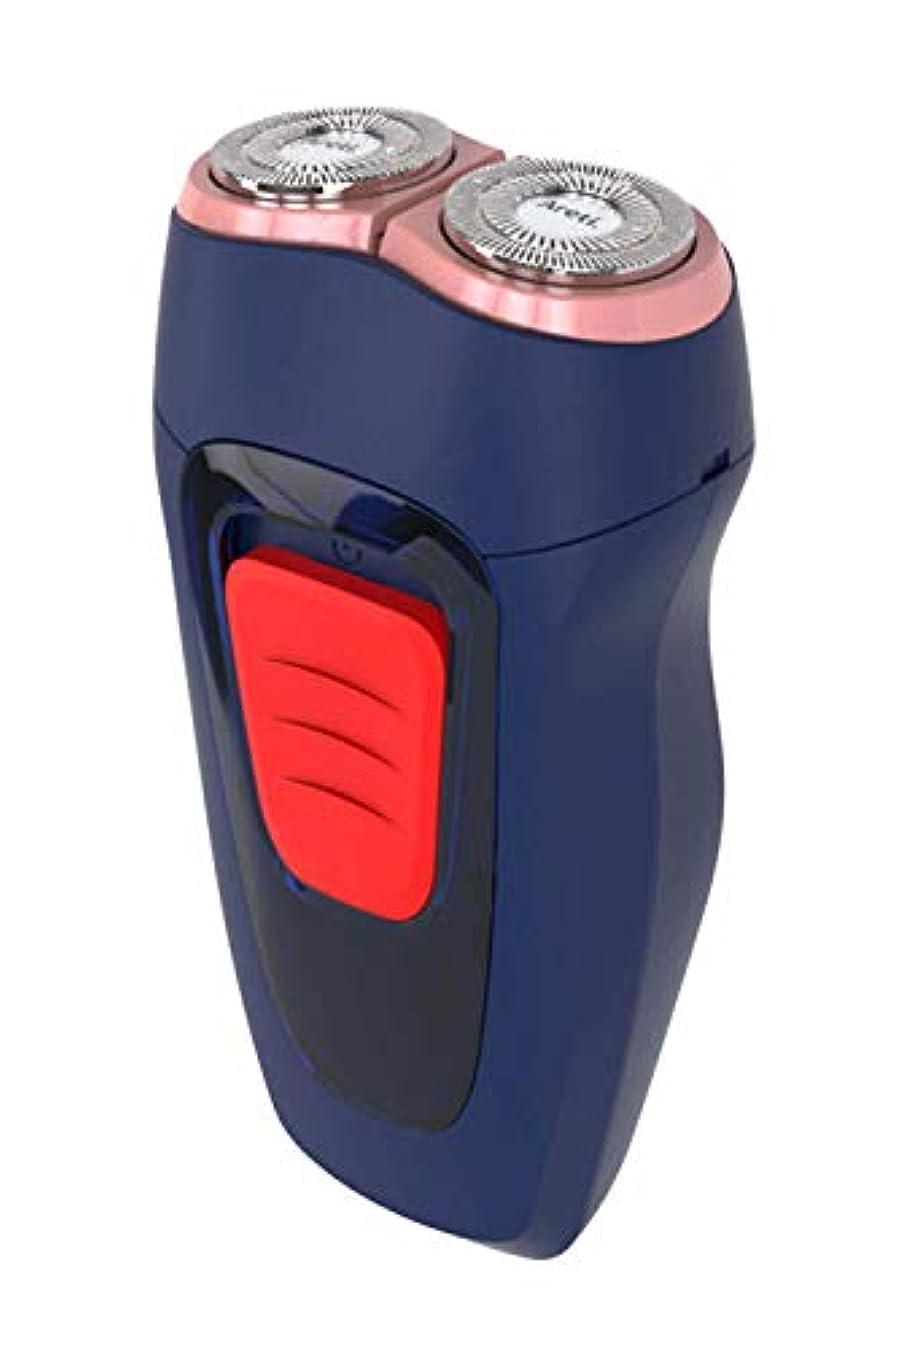 劇的バッフル感謝しているAreti【日本 本社 正規品】シェーバー USB充電 インディゴ 1年保証 2ヘッド 回転式 収納袋 付き 電動式